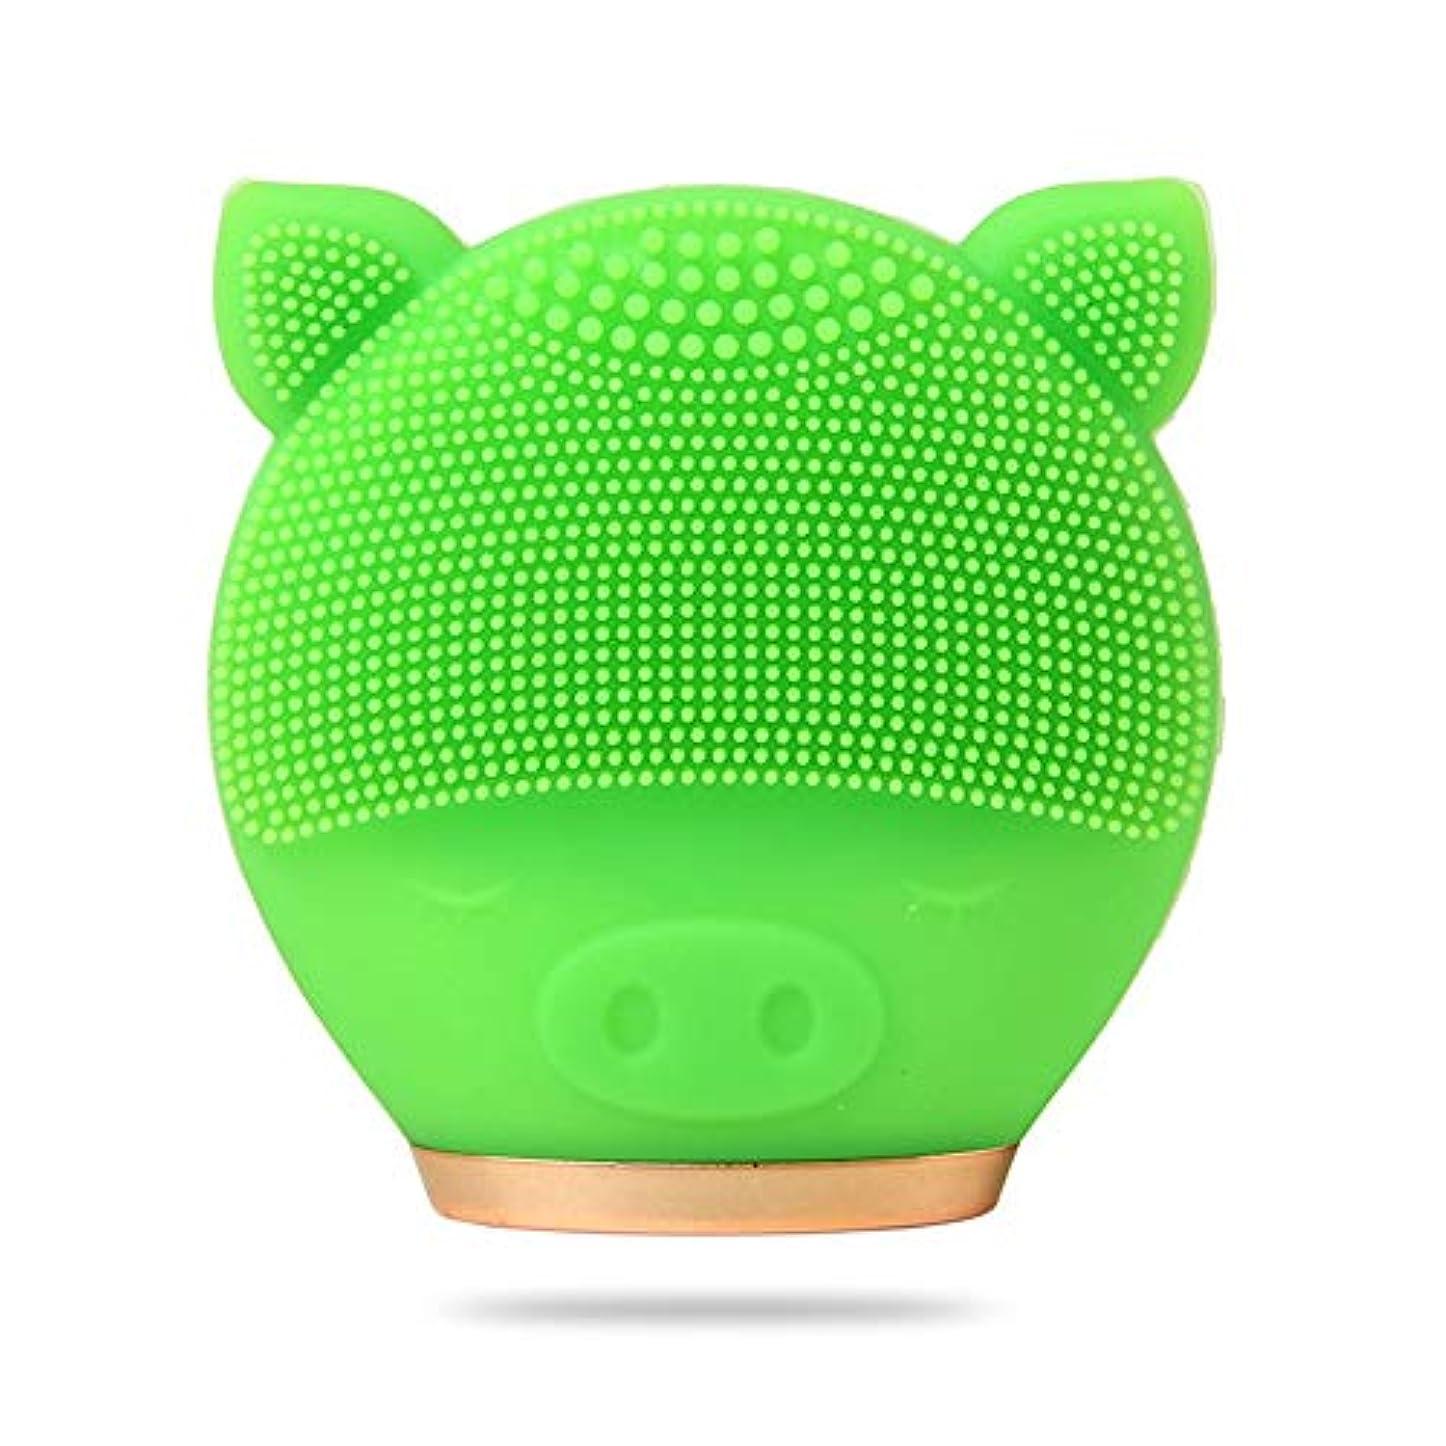 偽造協力するプレミアZXF 新しい豚モデル電気クレンジング楽器シリコーン超音波振動洗浄顔顔毛穴クリーナー美容器具 滑らかである (色 : Green)